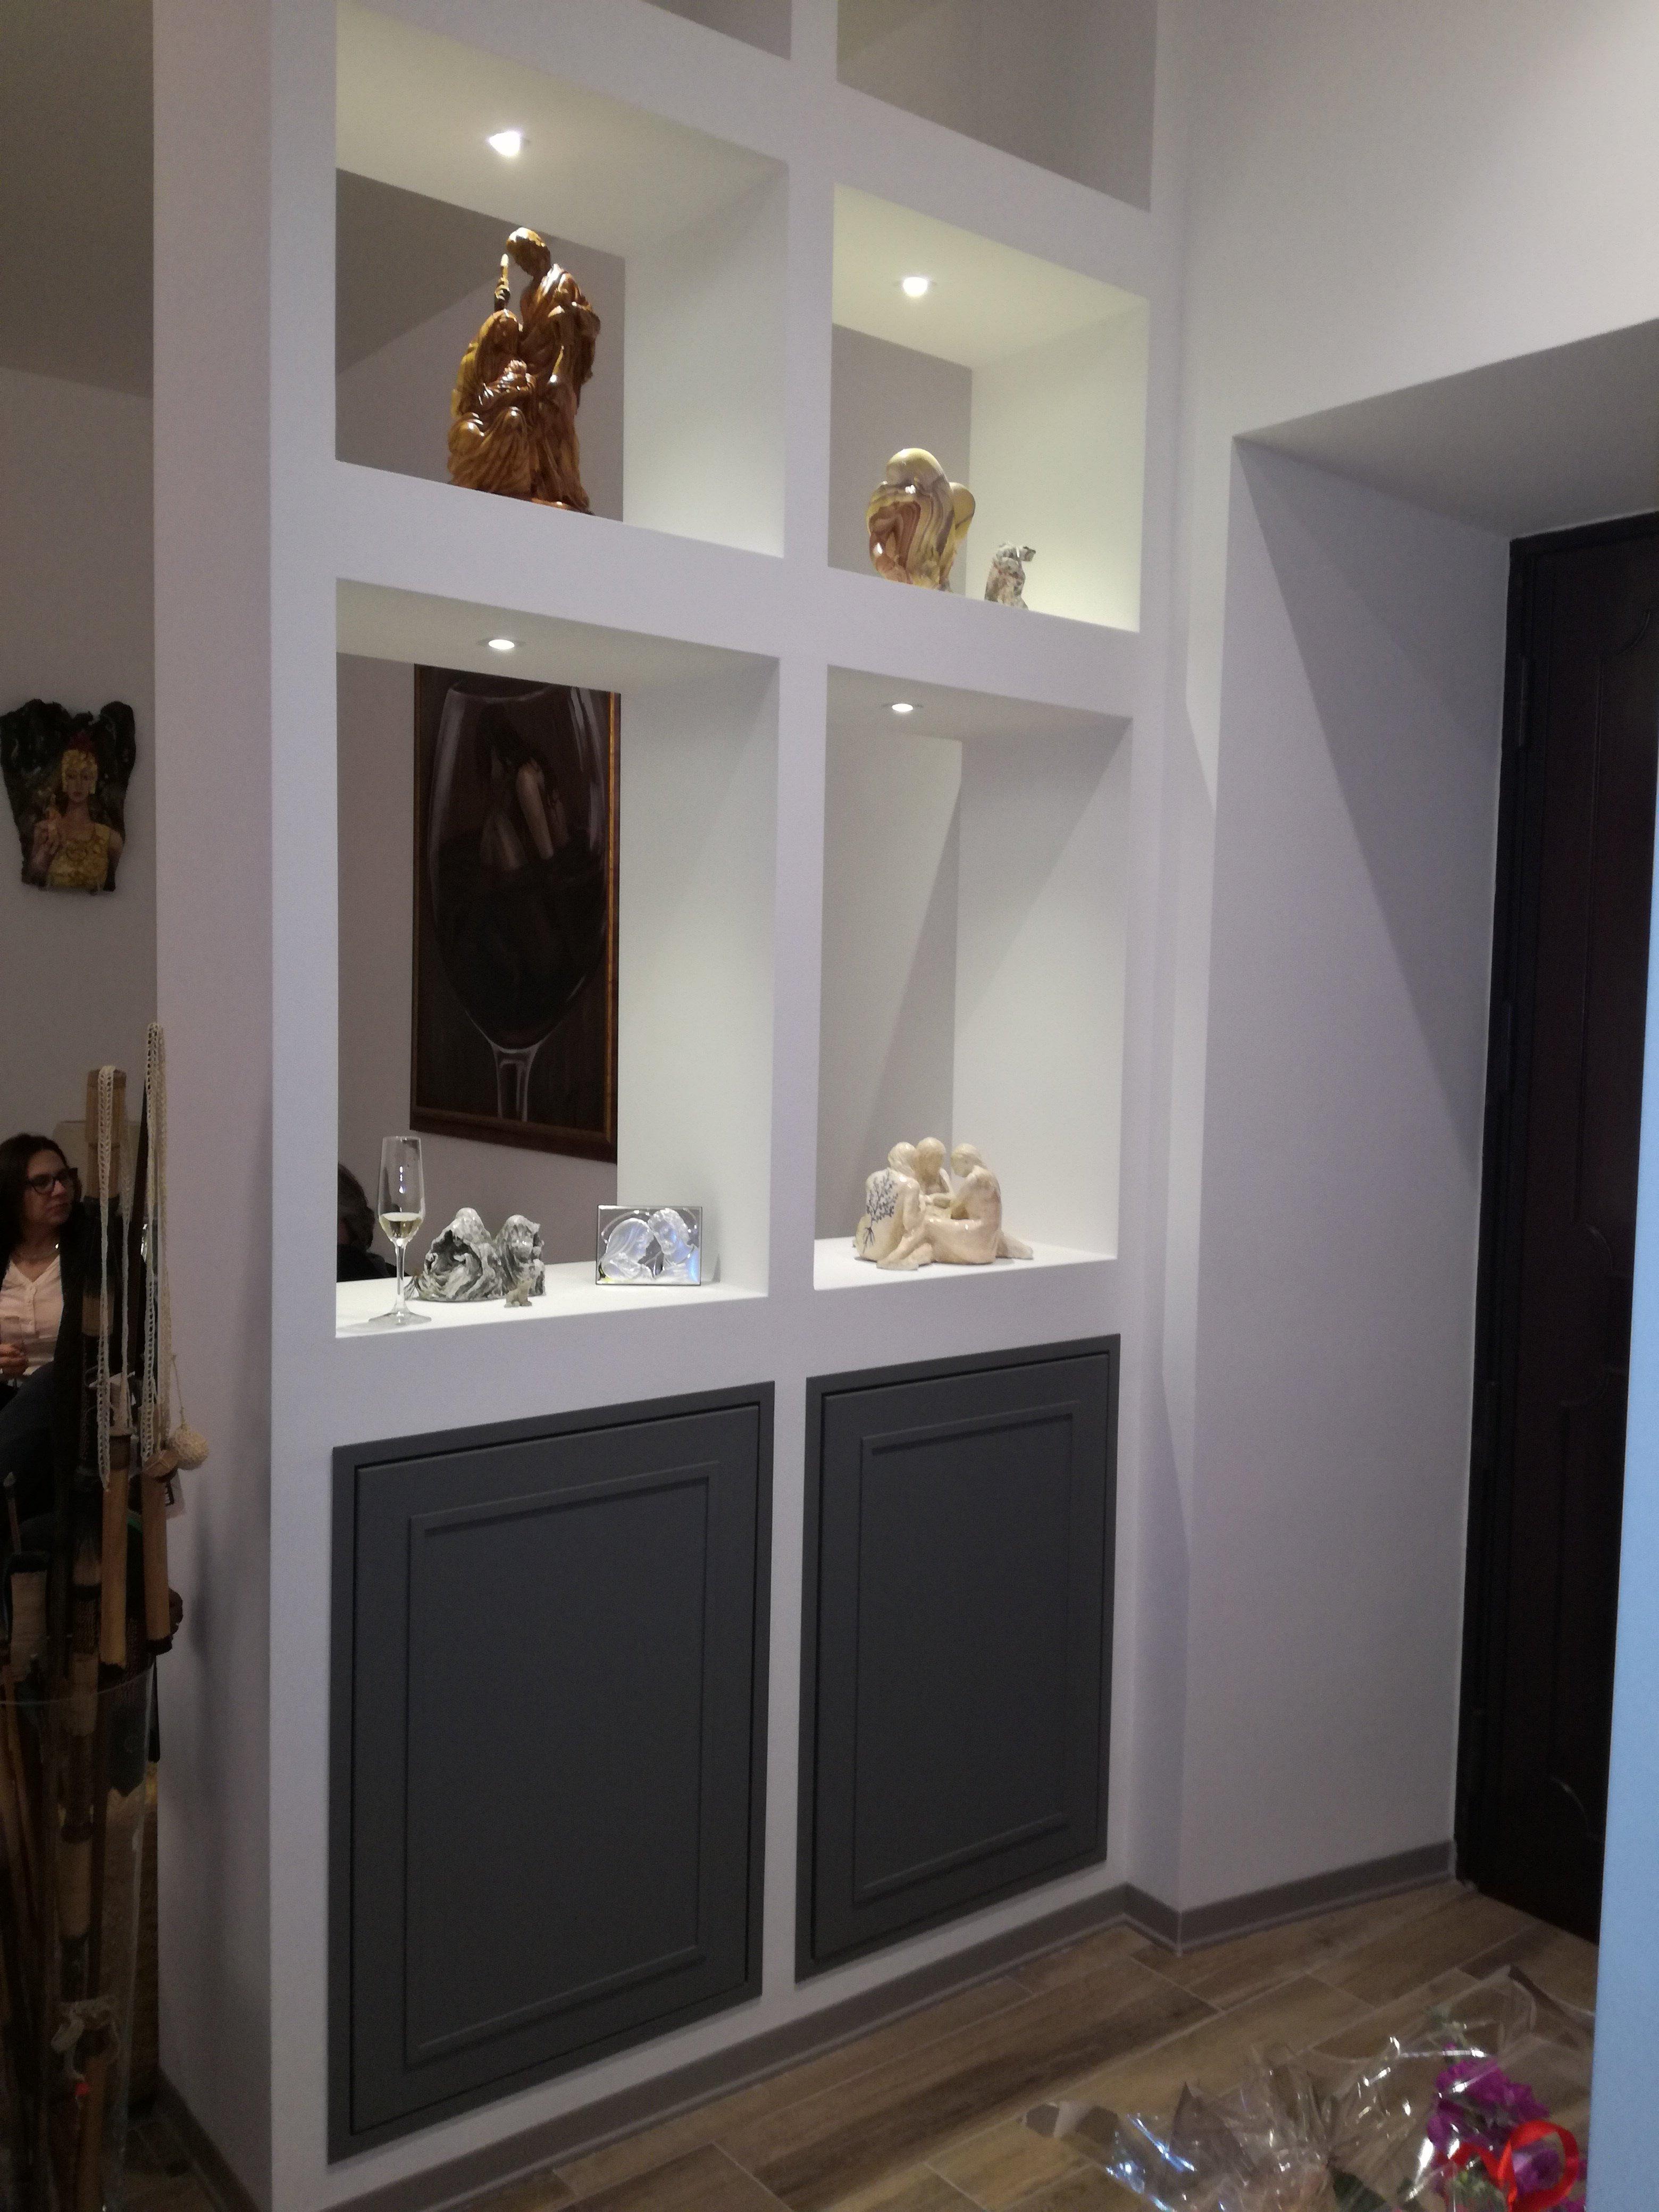 Illuminazione led casa interni ed esterni design e for Led per interni casa